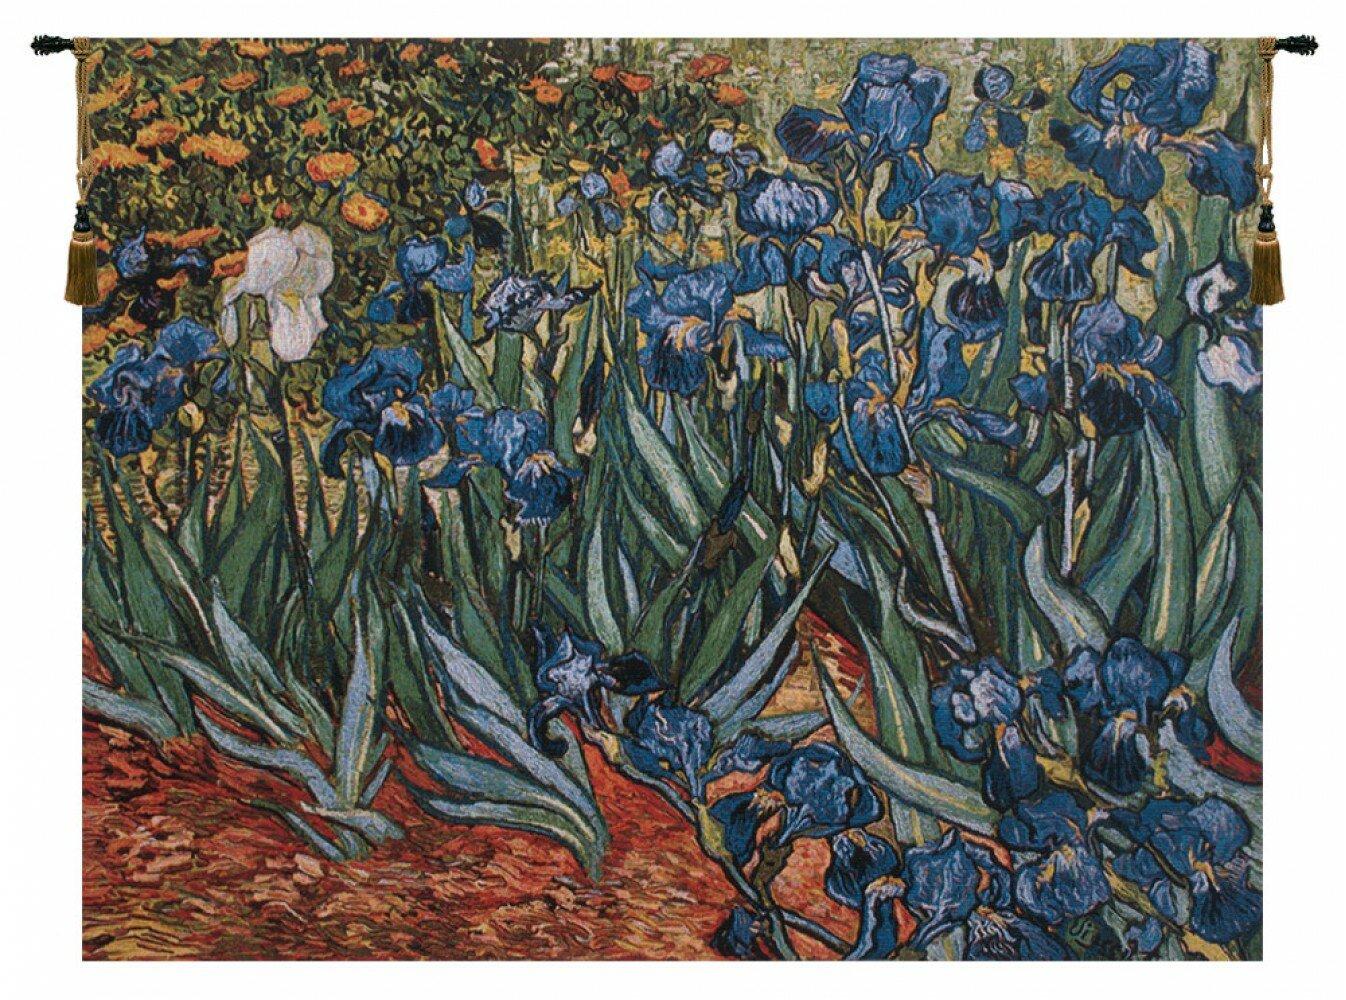 Charlotte Home Furnishings Irises In Garden By Van Gogh Tapestry Wayfair